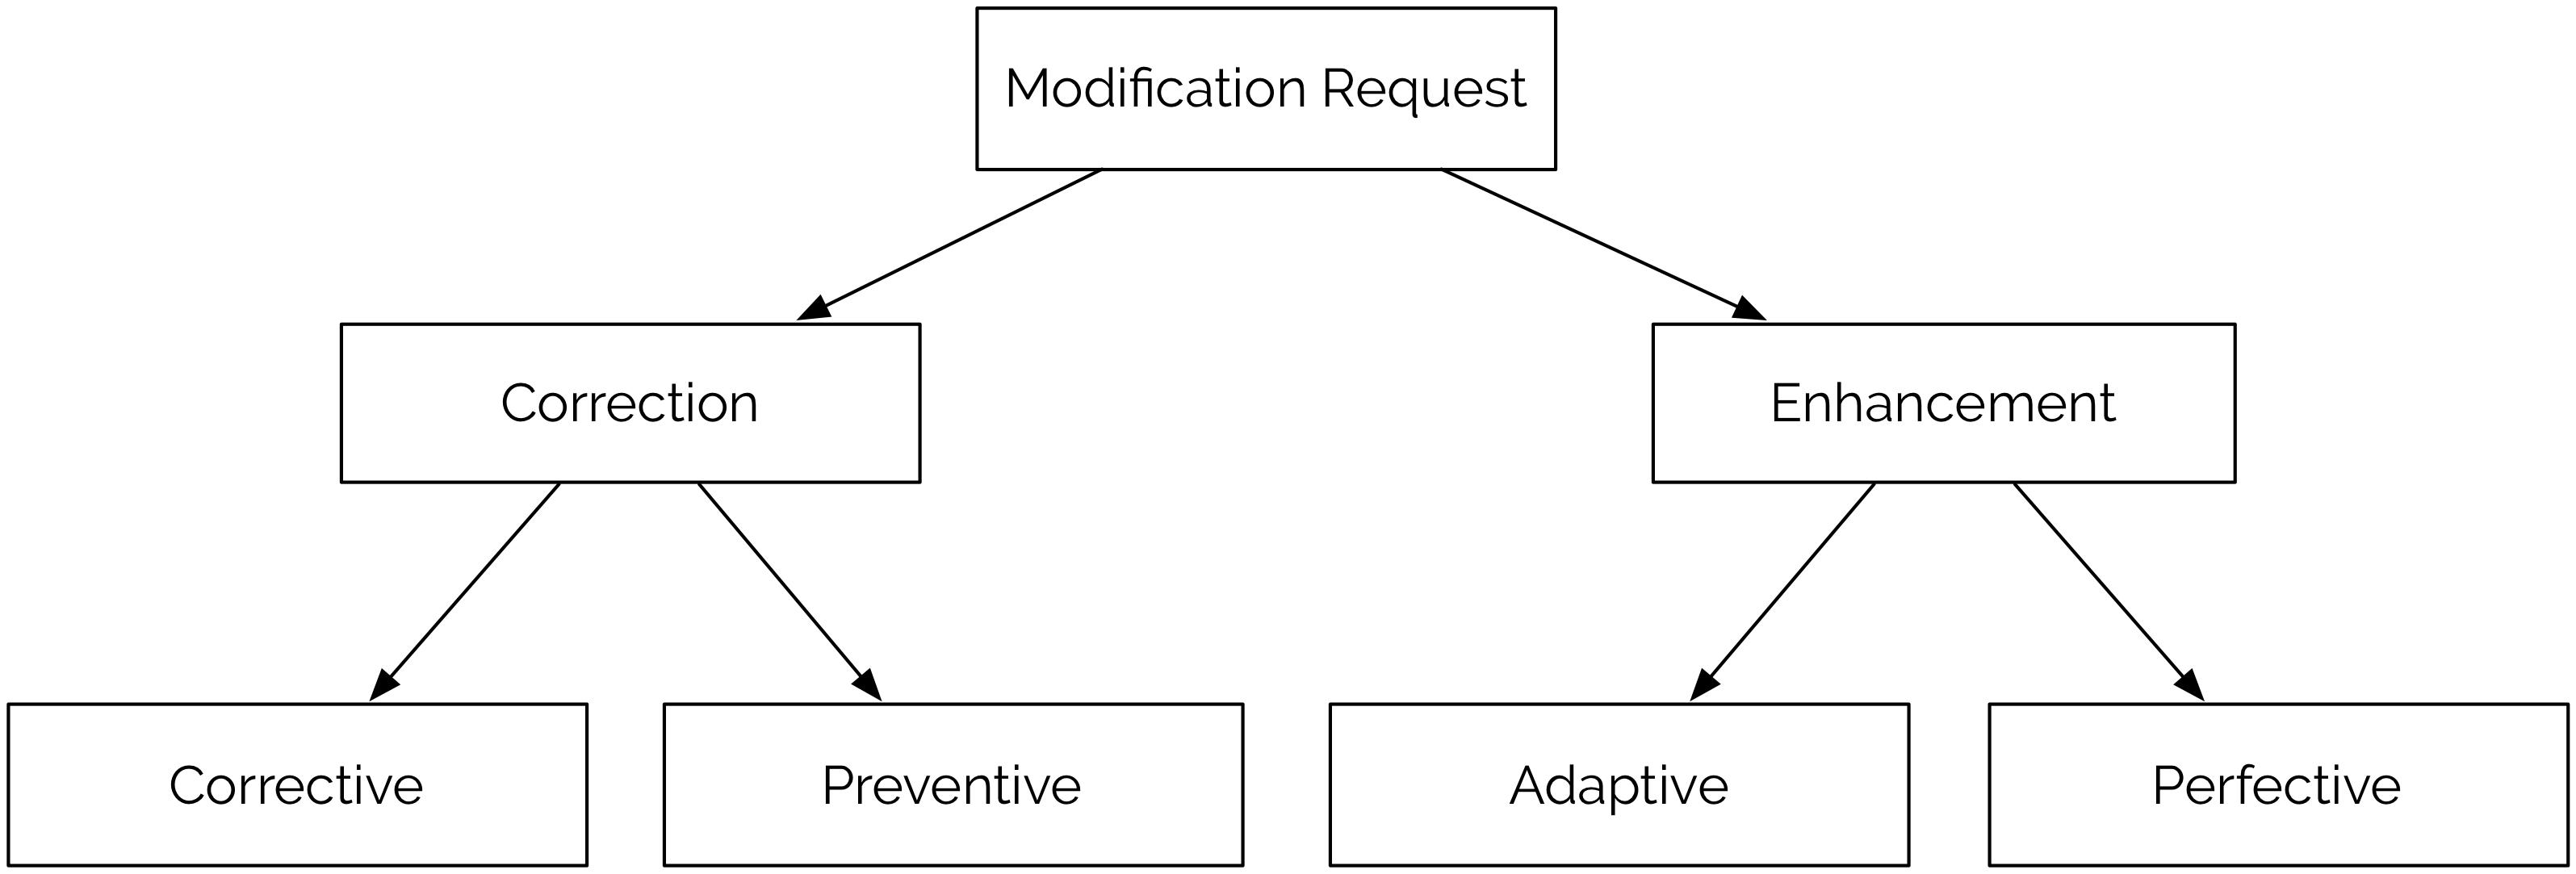 src/images/maintenance-classification.png